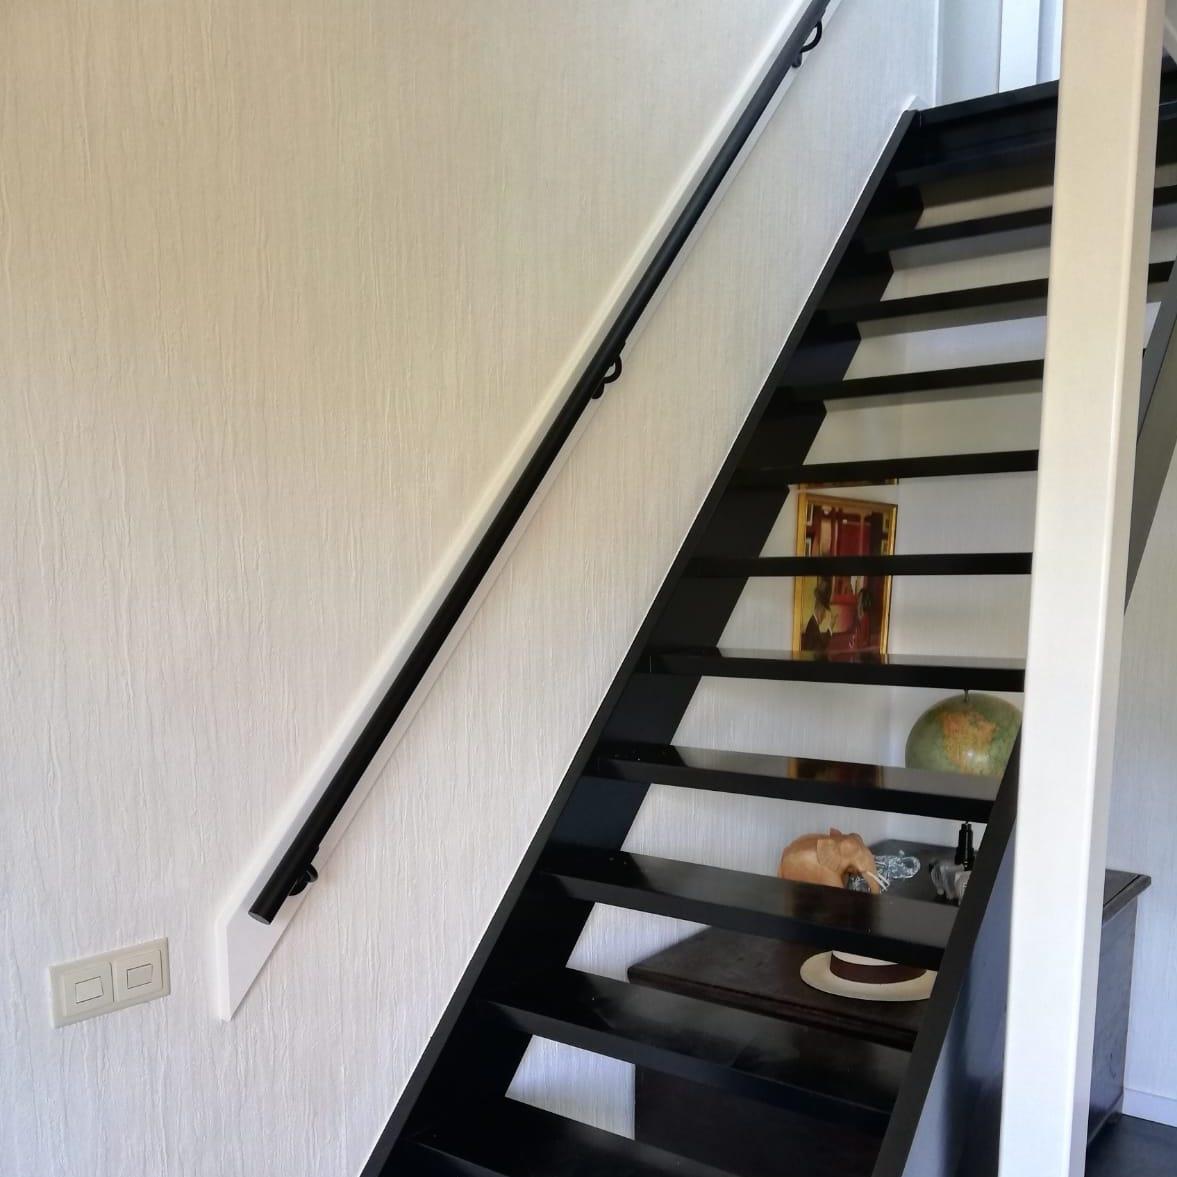 Handlauf schwarz beschichtet rund schmal Modell 2 - Runde Treppengeländer - Treppenhandlauf mit schwarzer Pulverbeschichtung RAL 9005